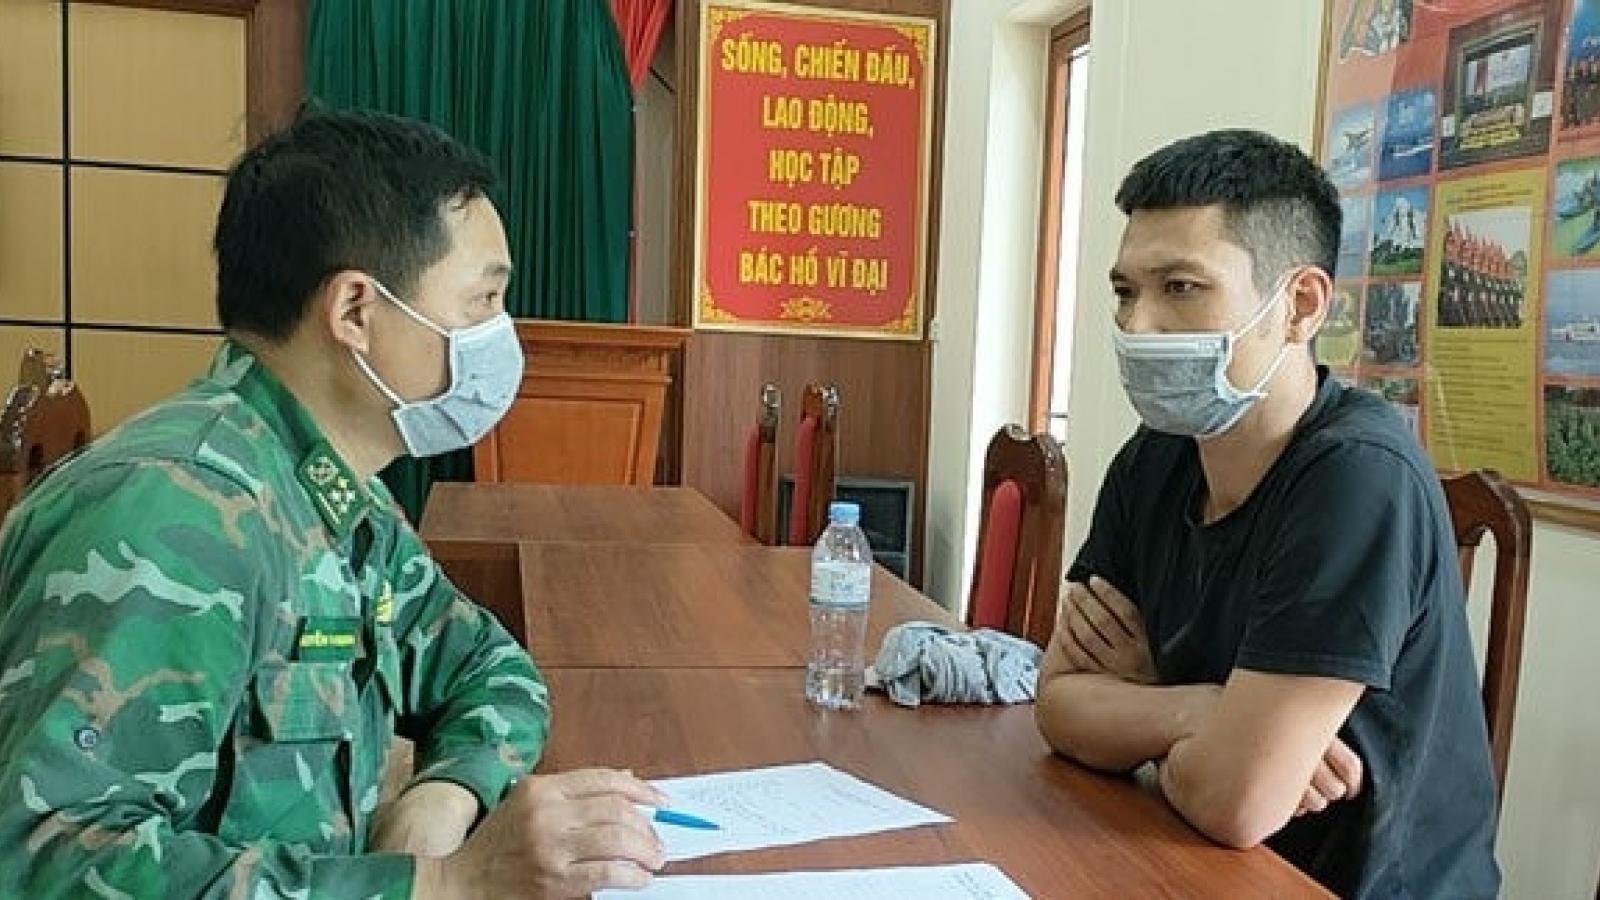 Khởi tố nhóm đối tượng tổ chức đưa người Trung Quốc nhập cảnh trái phép